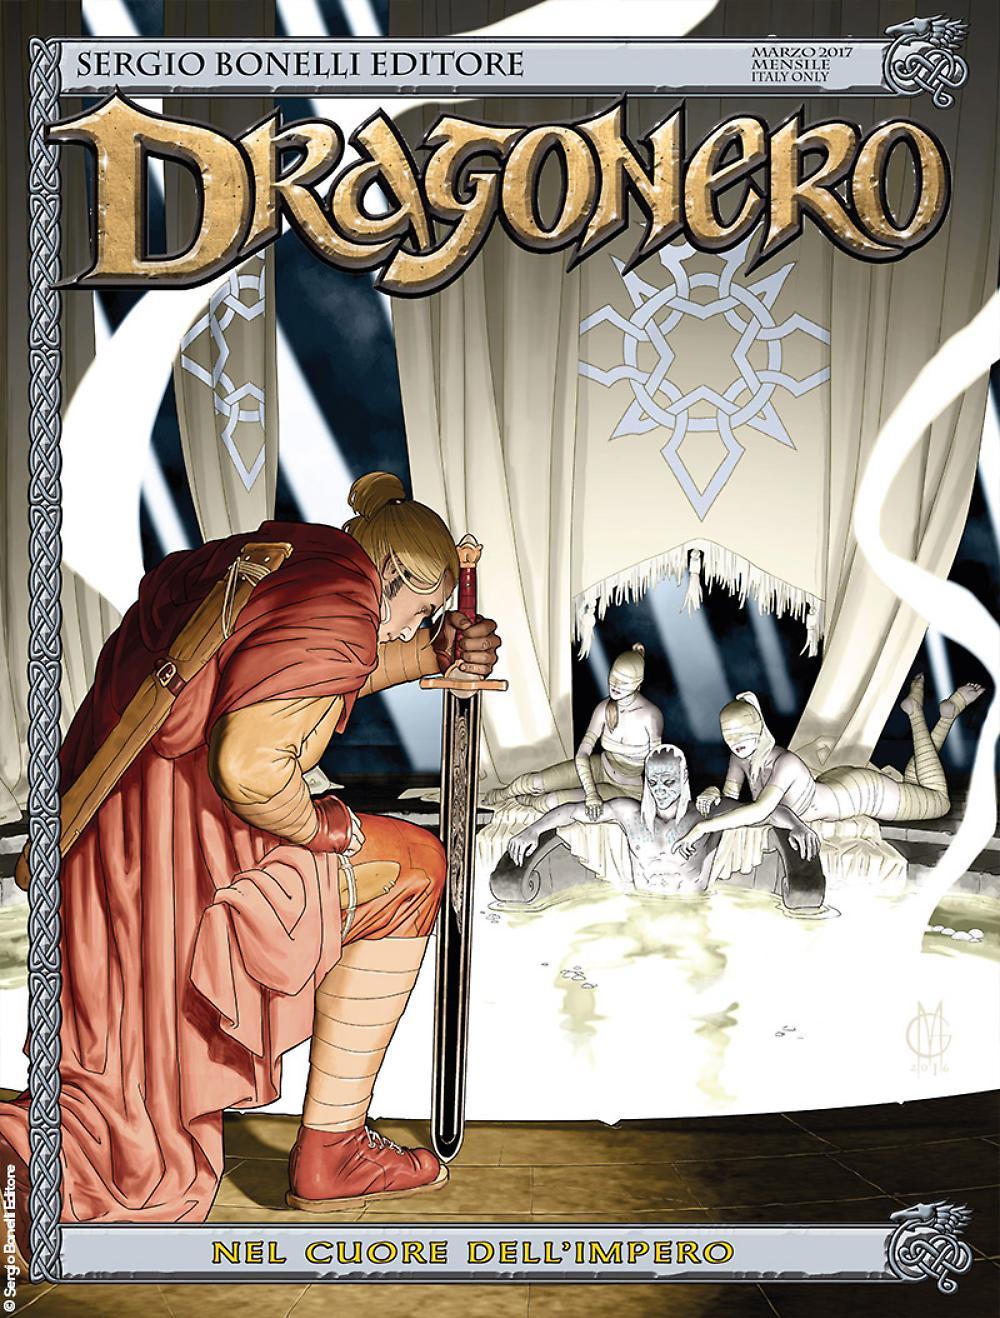 http://www.sergiobonelli.it/resizer/1000/-1/true/1486546451568.jpg--nel_cuore_dell_impero___dragonero_46_cover.jpg?1486546453000